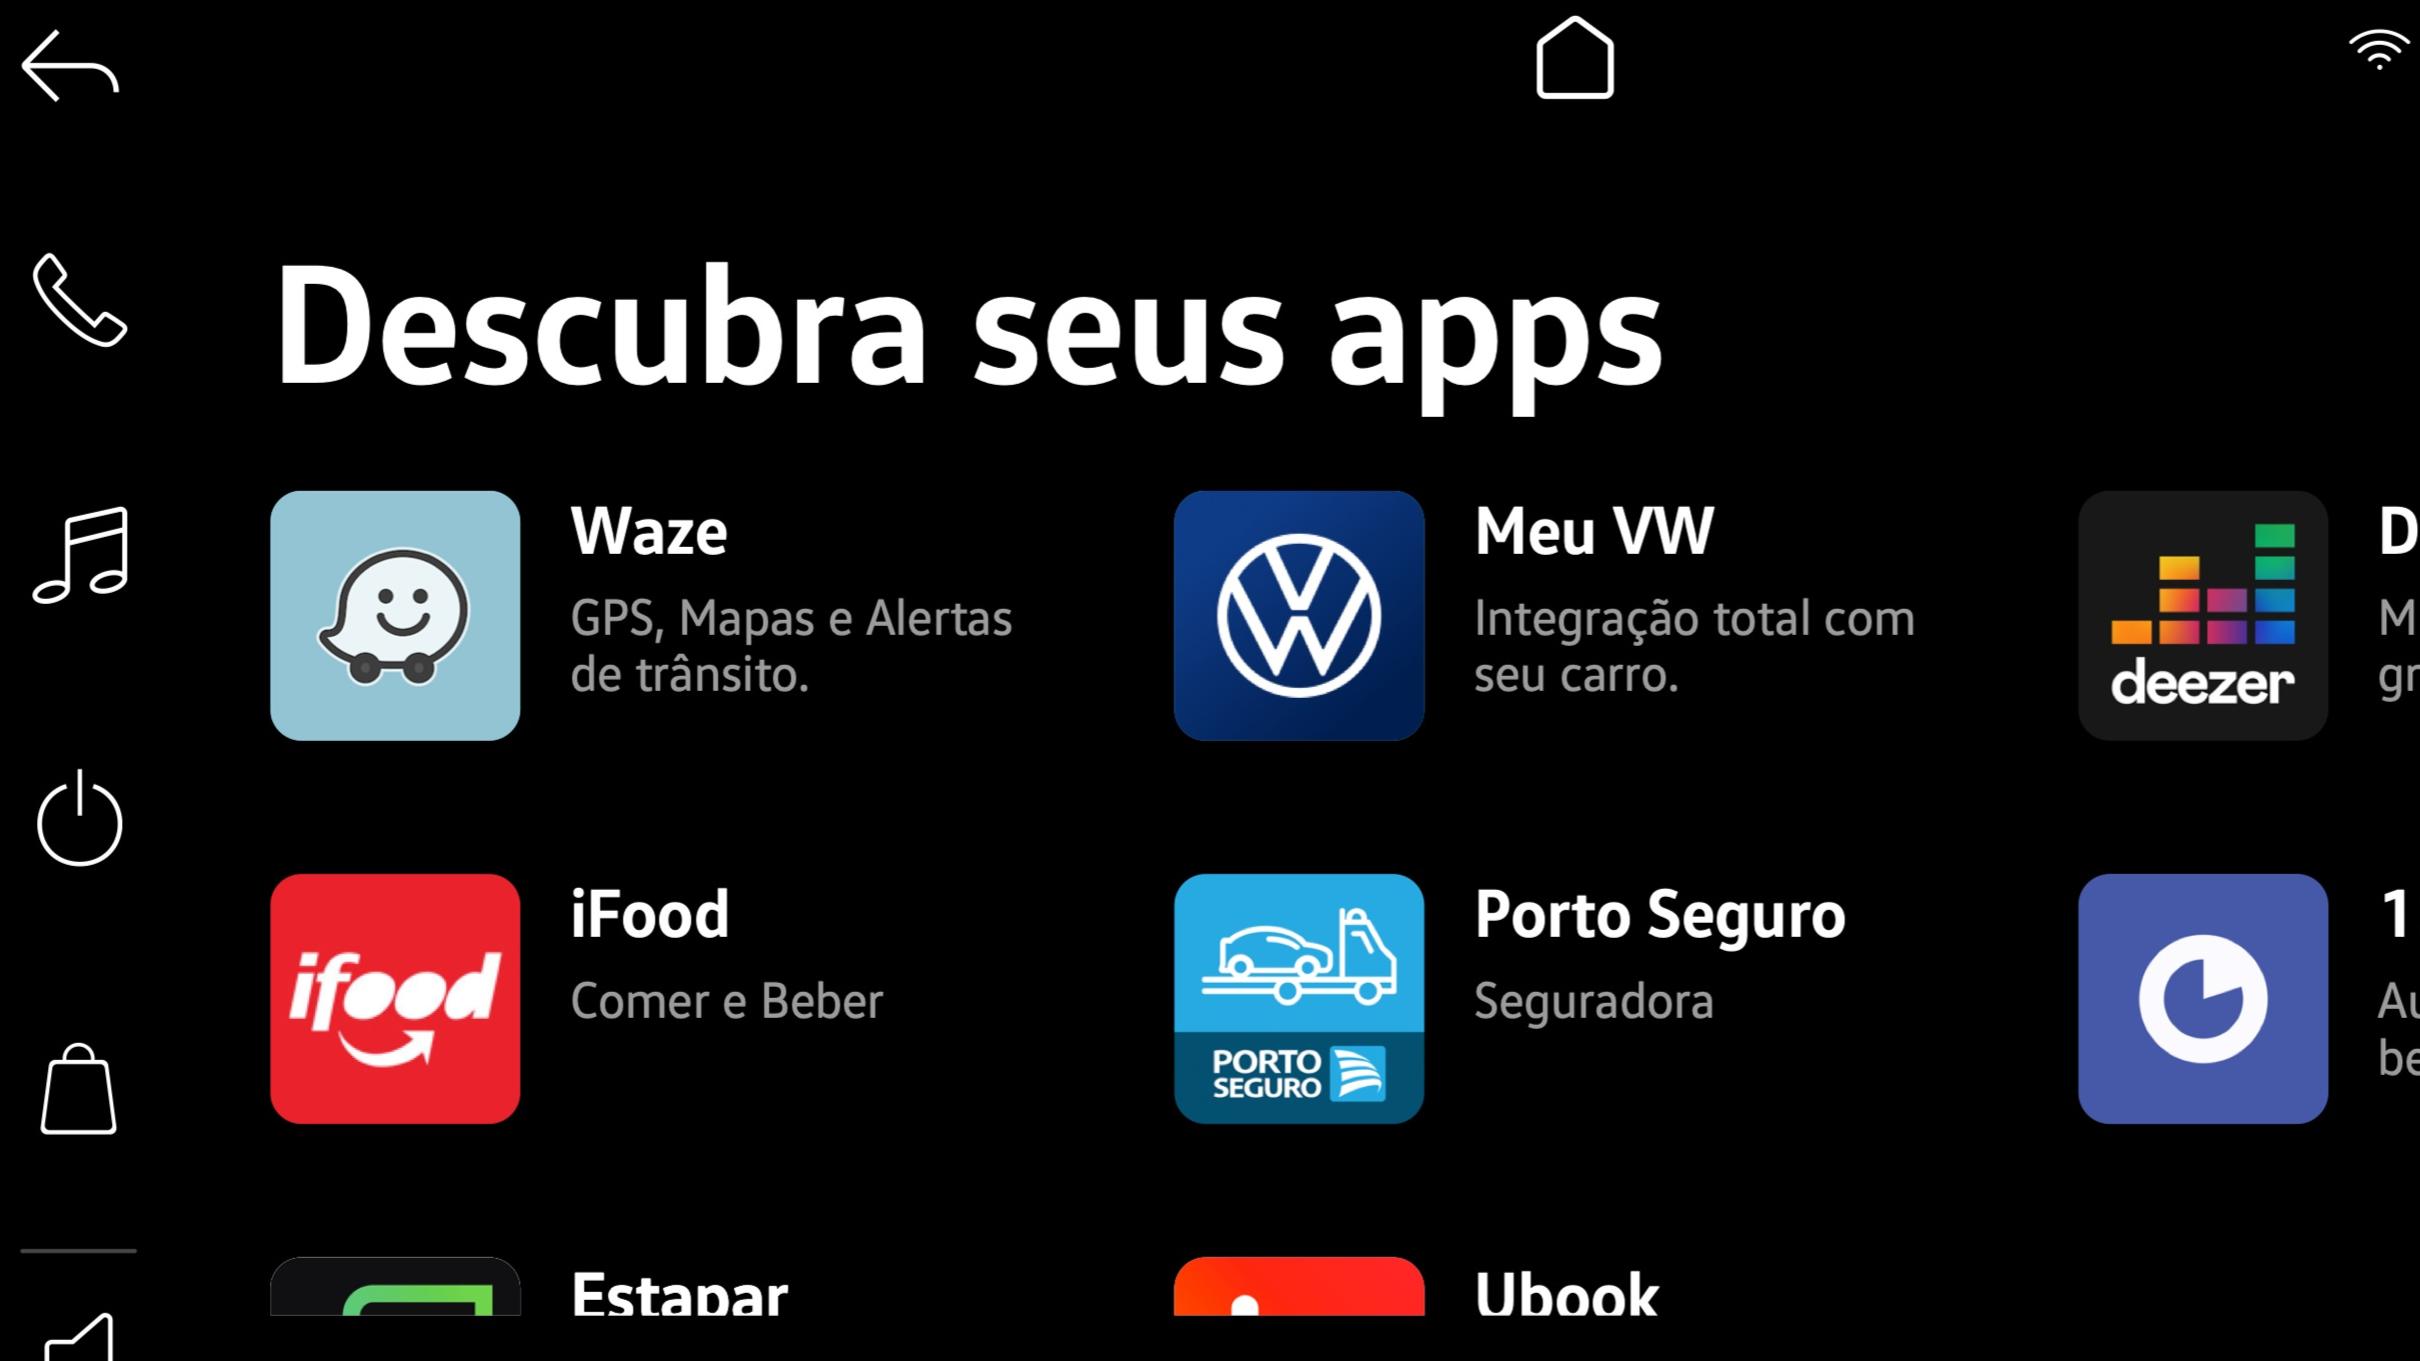 Vw Play Novva Central Multimídia Com Loja De Apps Que Estreia No Nivus 7